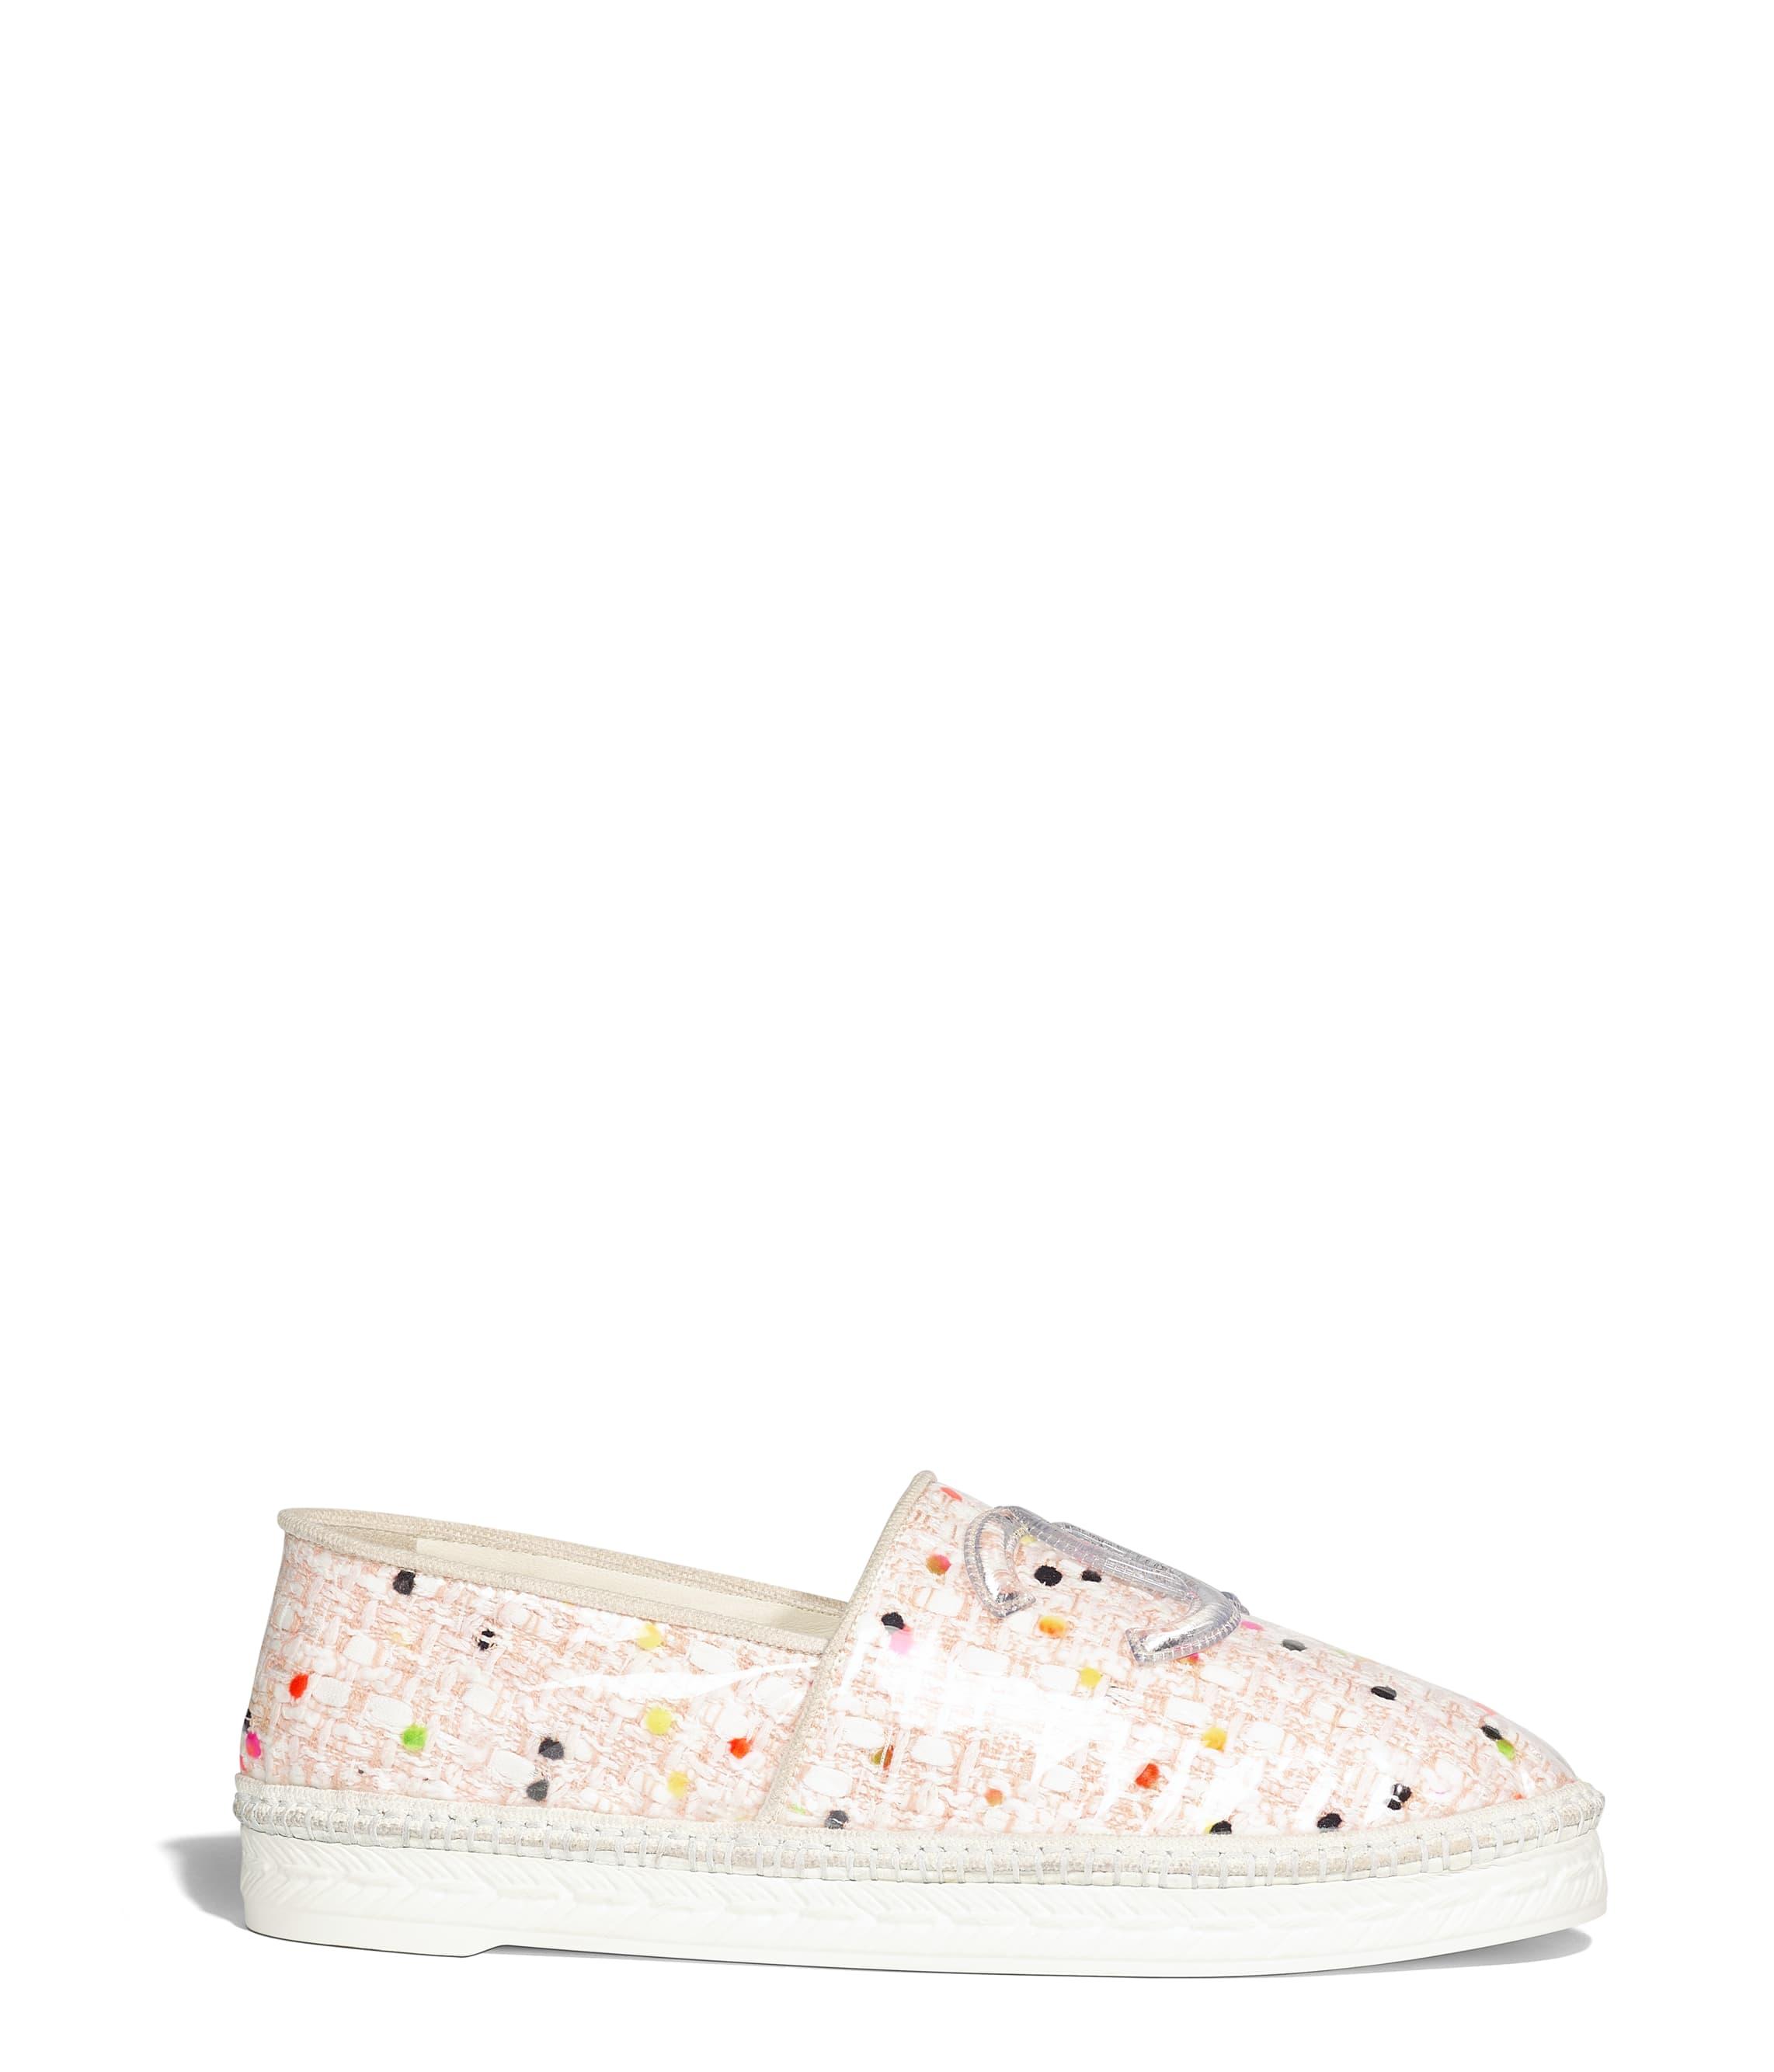 0753fb508d Espadrilles - Shoes - CHANEL